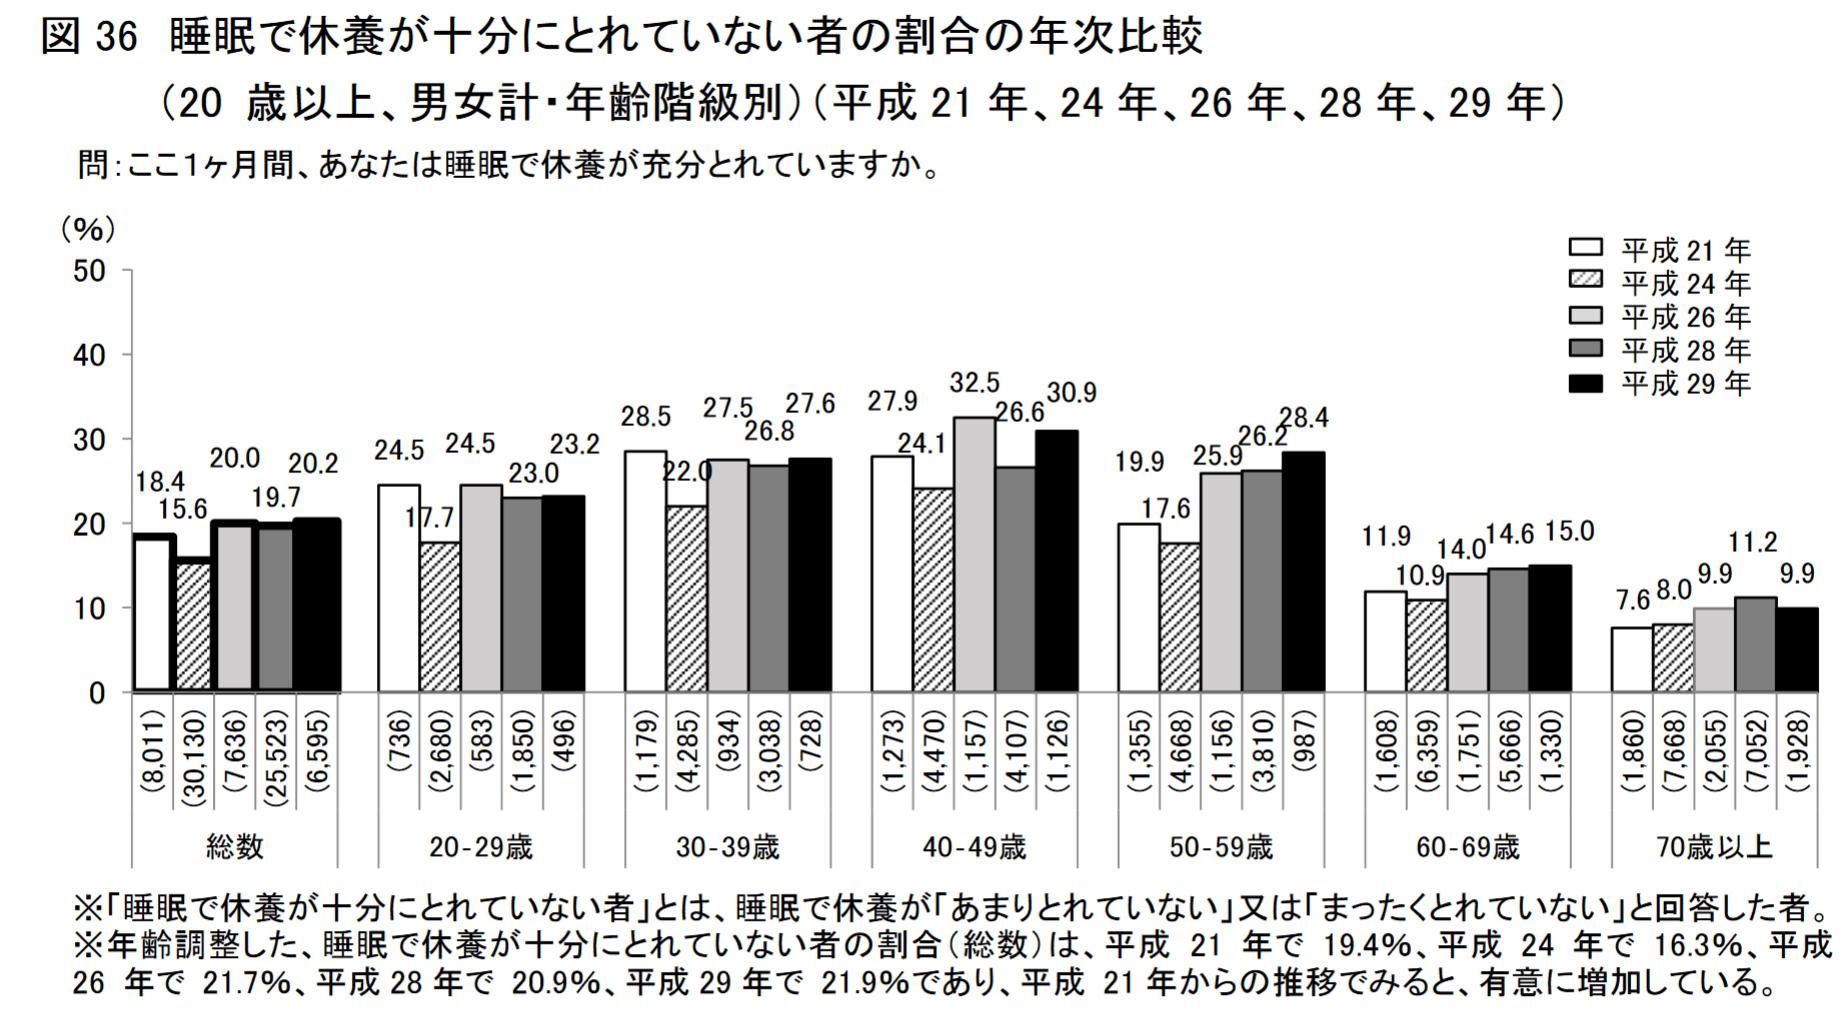 睡眠で休養が十分にとれてない者の割合の年次比較